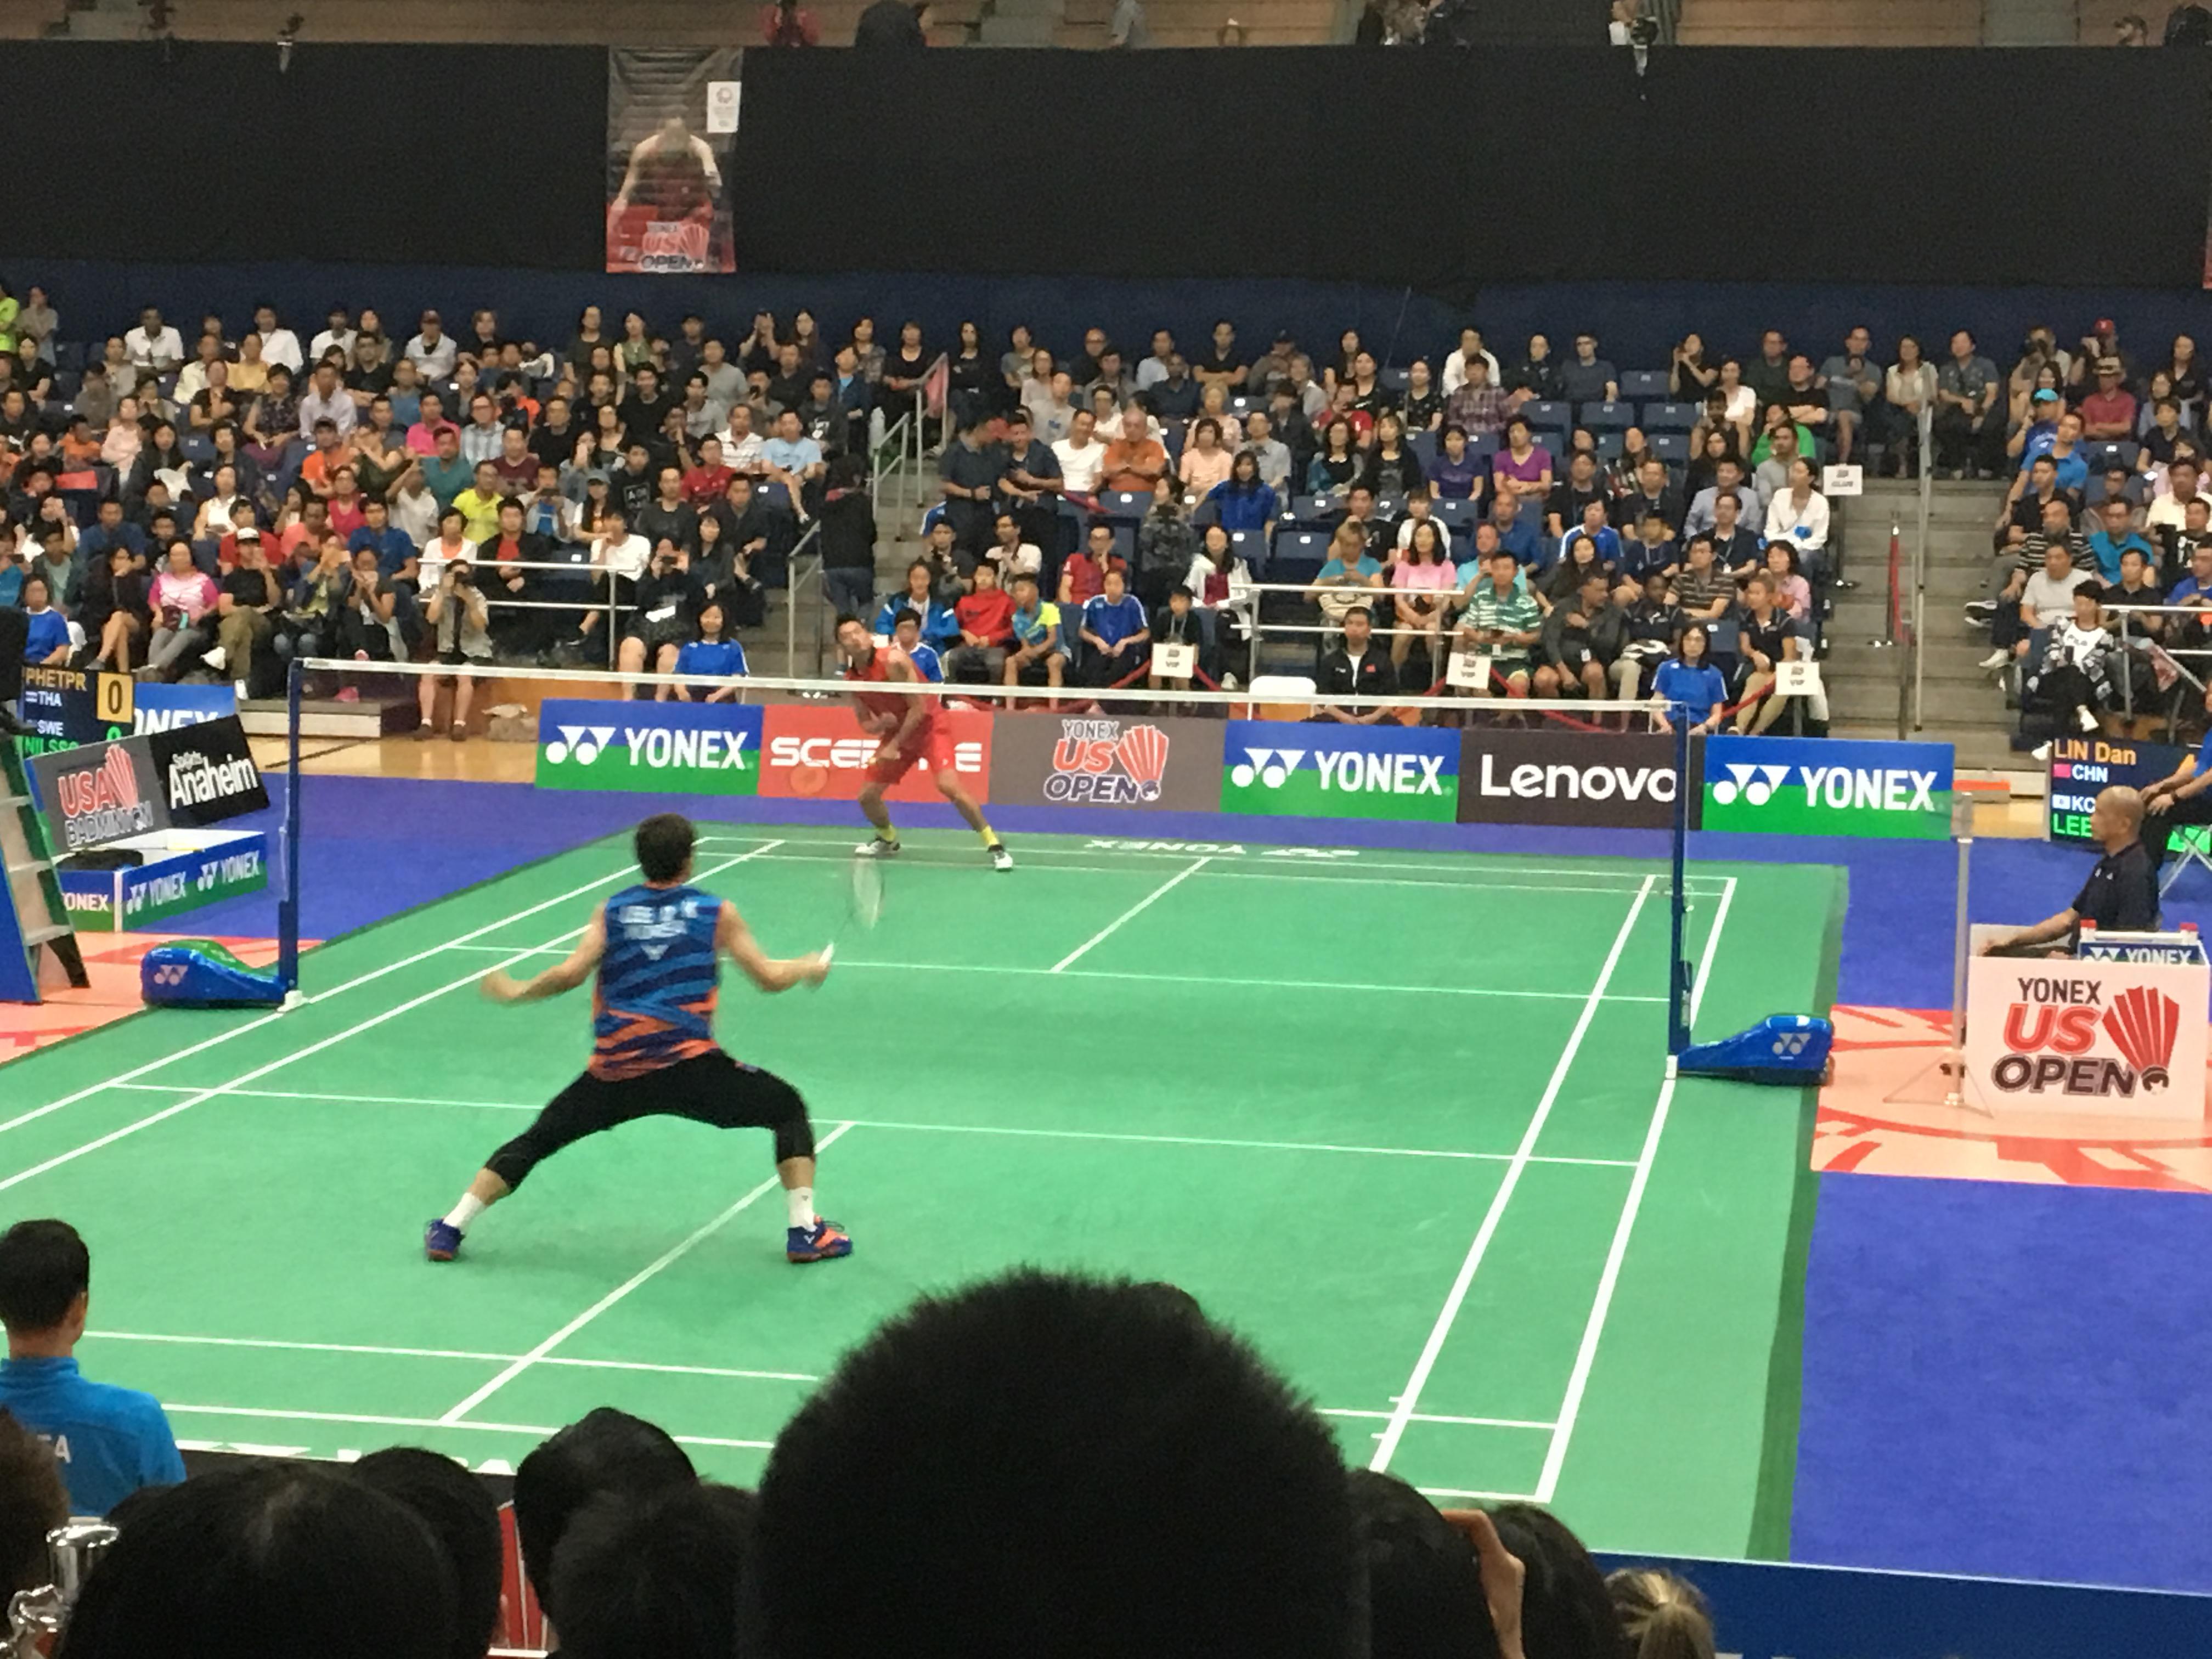 中國羽球著名選手林丹(對面)與韓國選手李東根單打比賽中。(記者啟鉻/攝影)